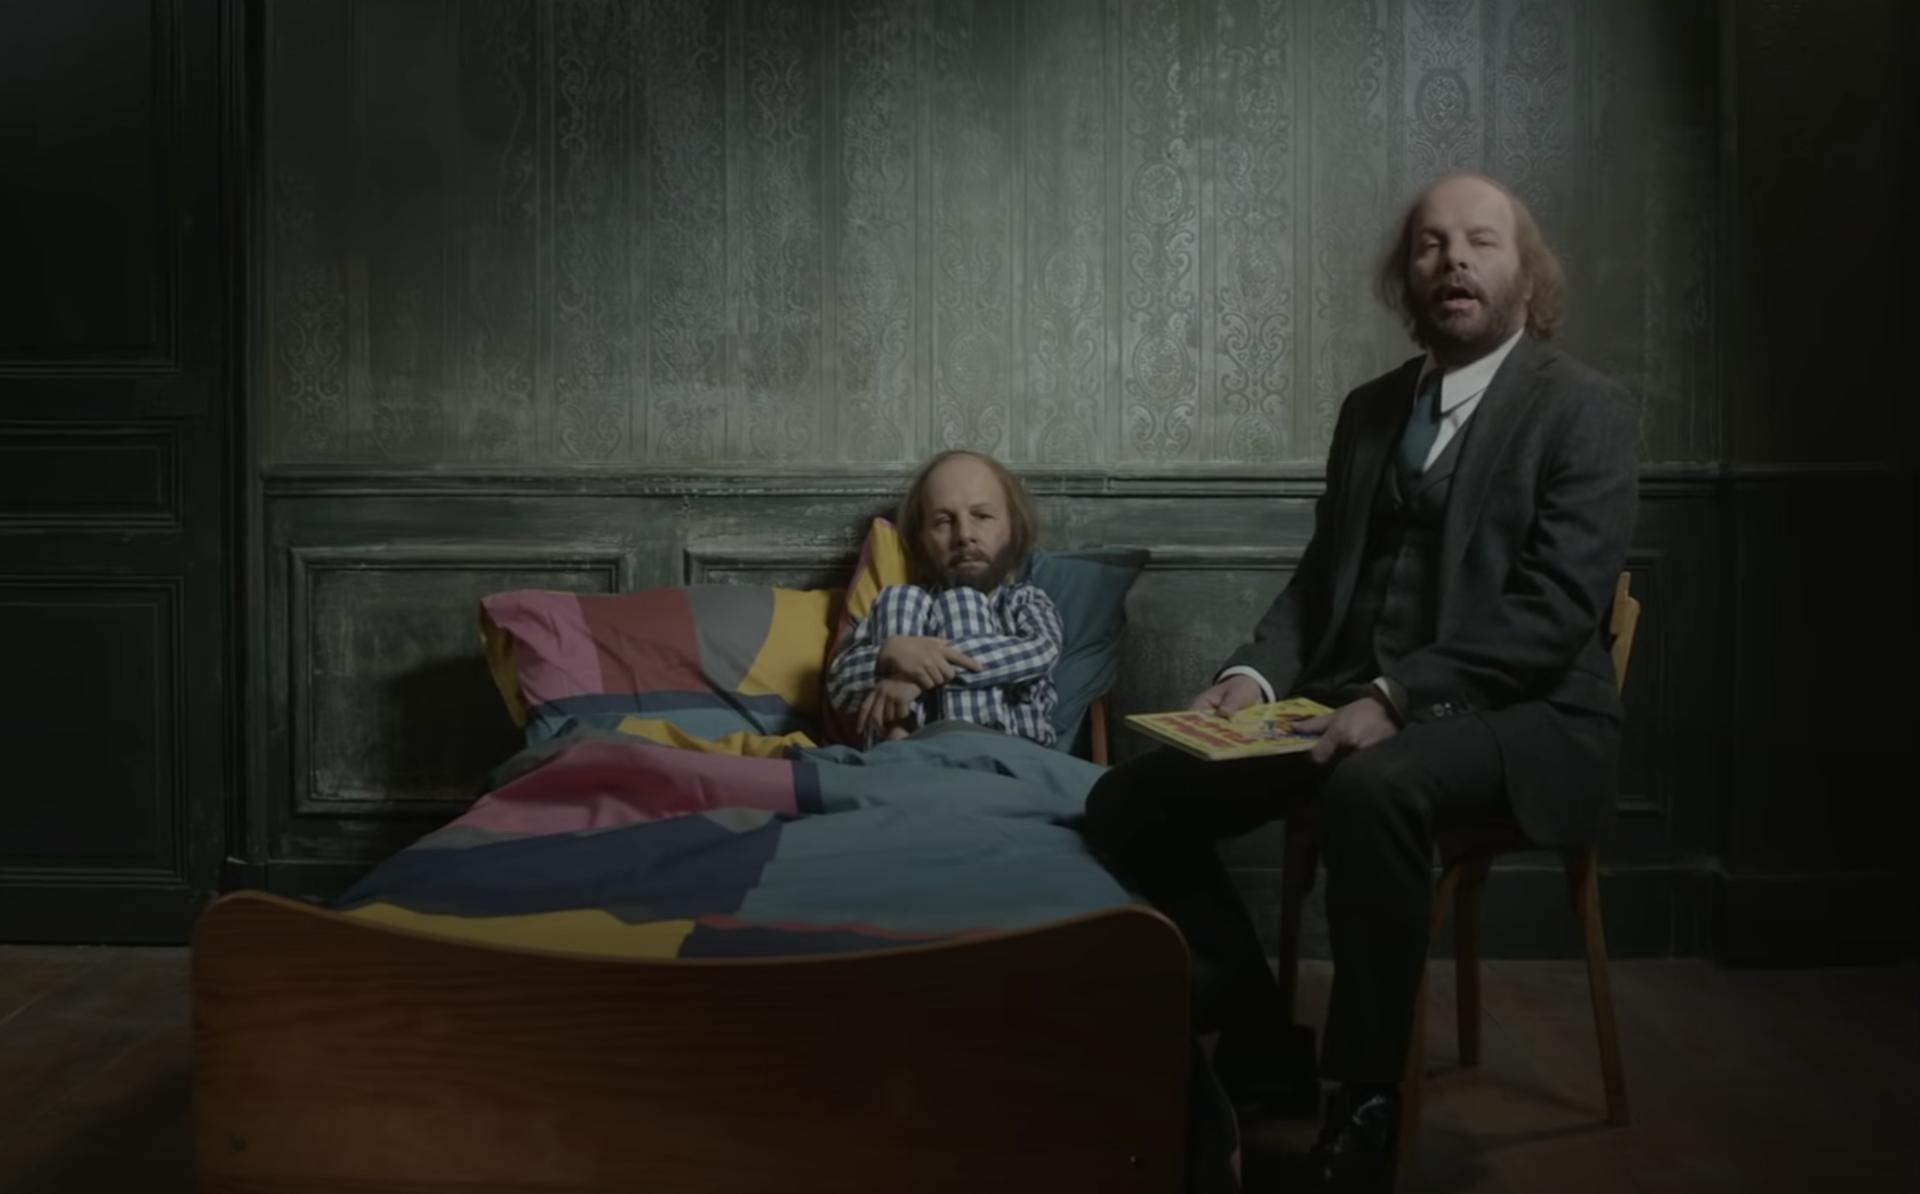 Aimez-moi: Philippe Katerine dévoile son nouveau clip dans un registre subtil et émouvant